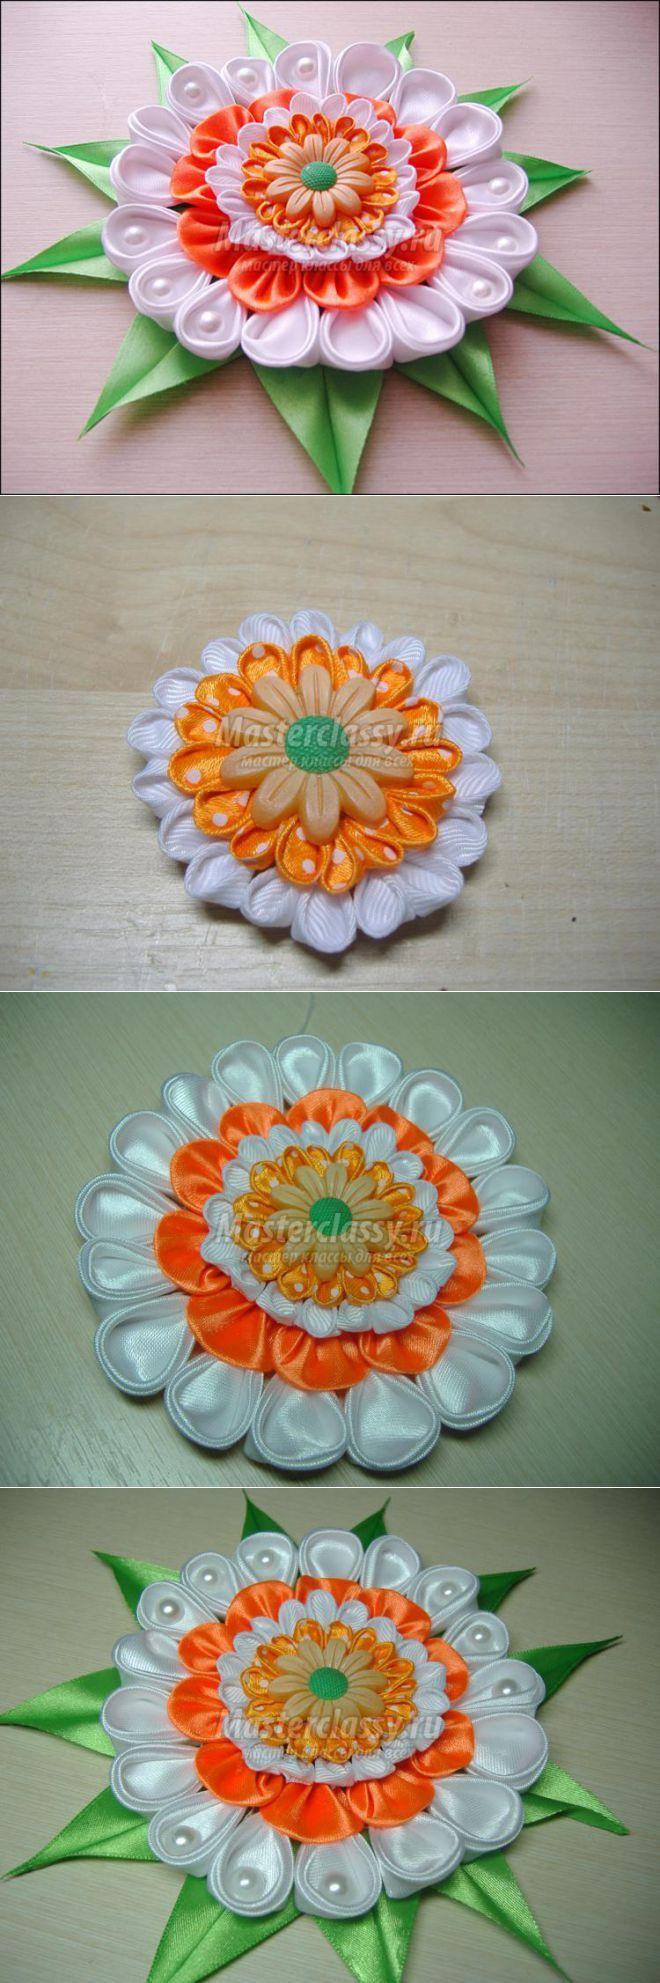 Оранжевый цветок в технике канзаши. Мастер-класс с пошаговыми фото